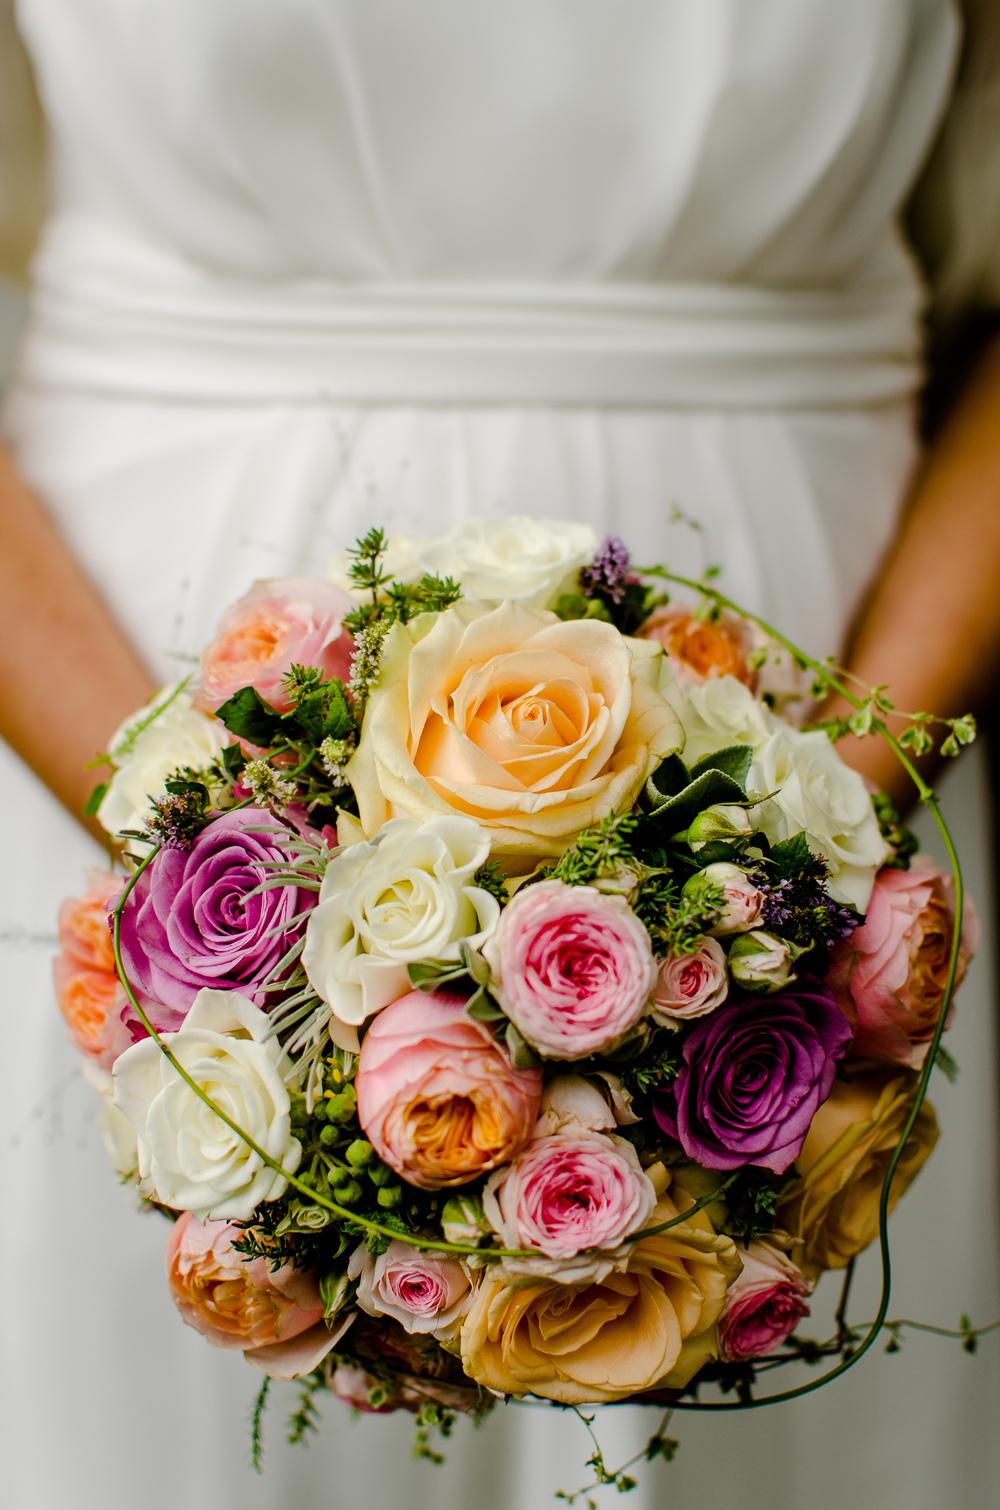 20150905_wedding_hochzeit_torhaus_münster_christoph_schlein-0577.jpg